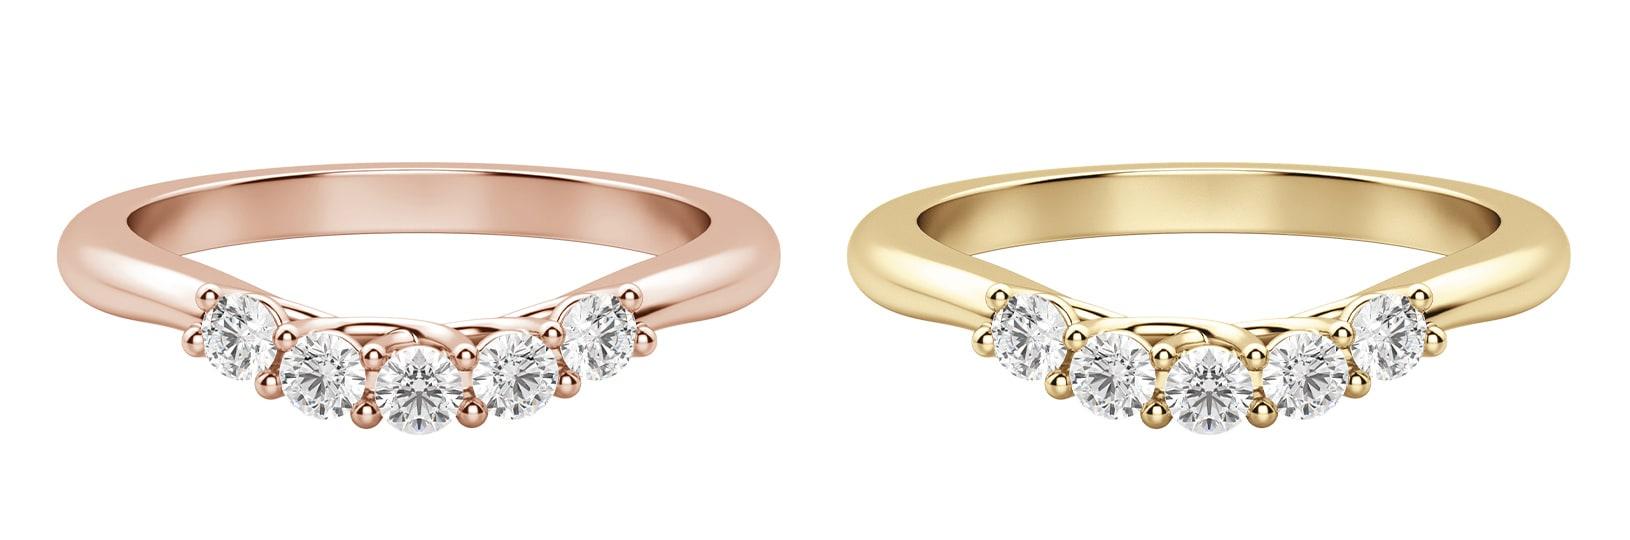 Yellow gold wedding ring & rose gold wedding ring